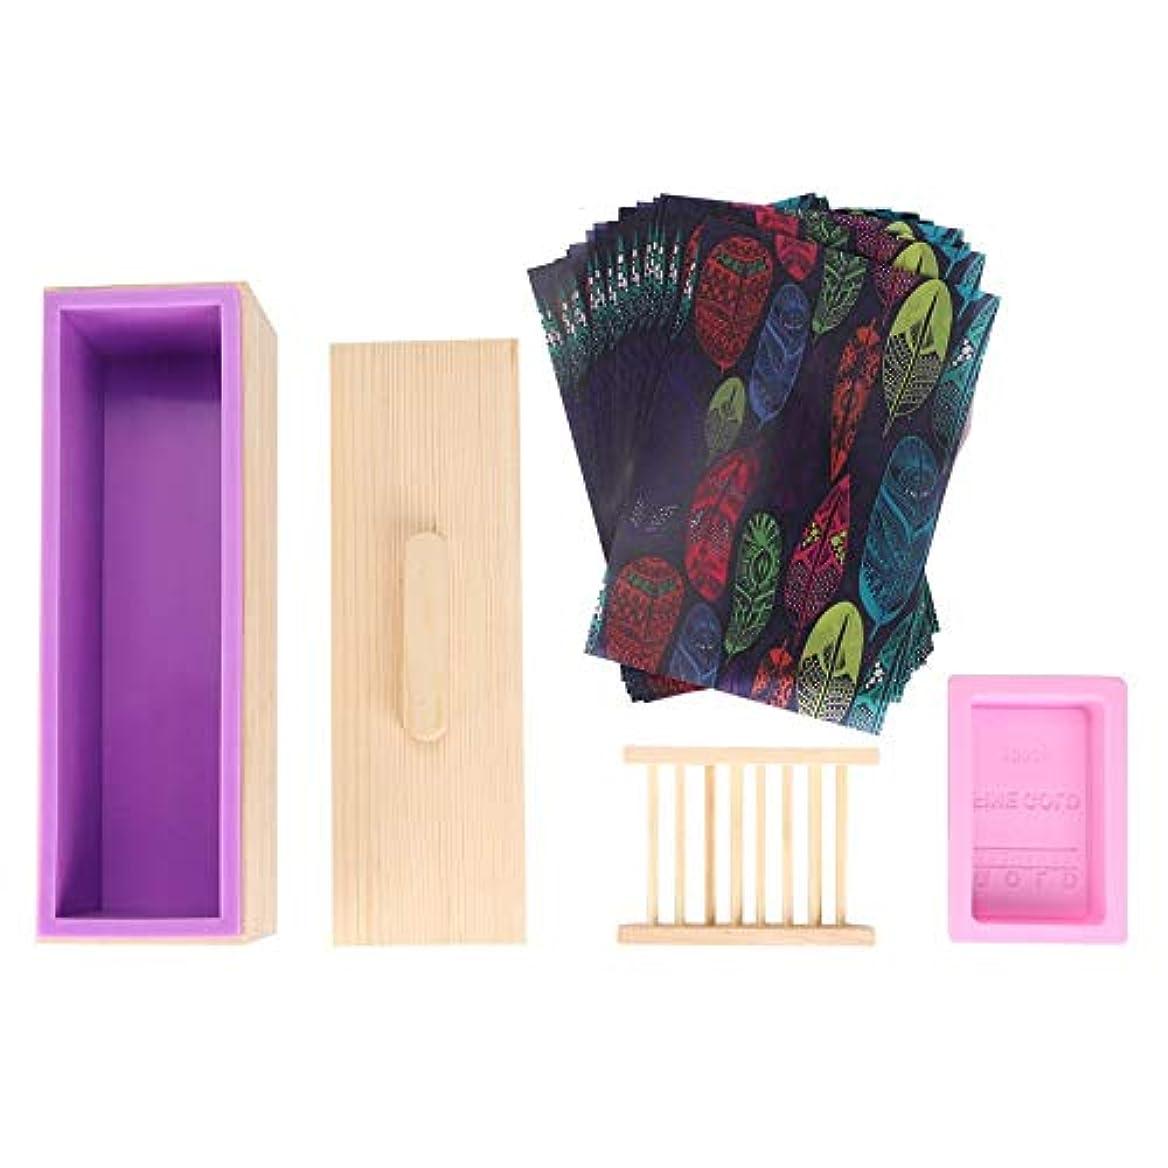 再び靴版Salinr ソープカッター 石けん金型ソープロープ カッター 紫色のシリコントースト木箱 石鹸カッターモールド石鹸ロープモールド カッター ソープカッターボックス家庭用ツール ツールDIY 手作り